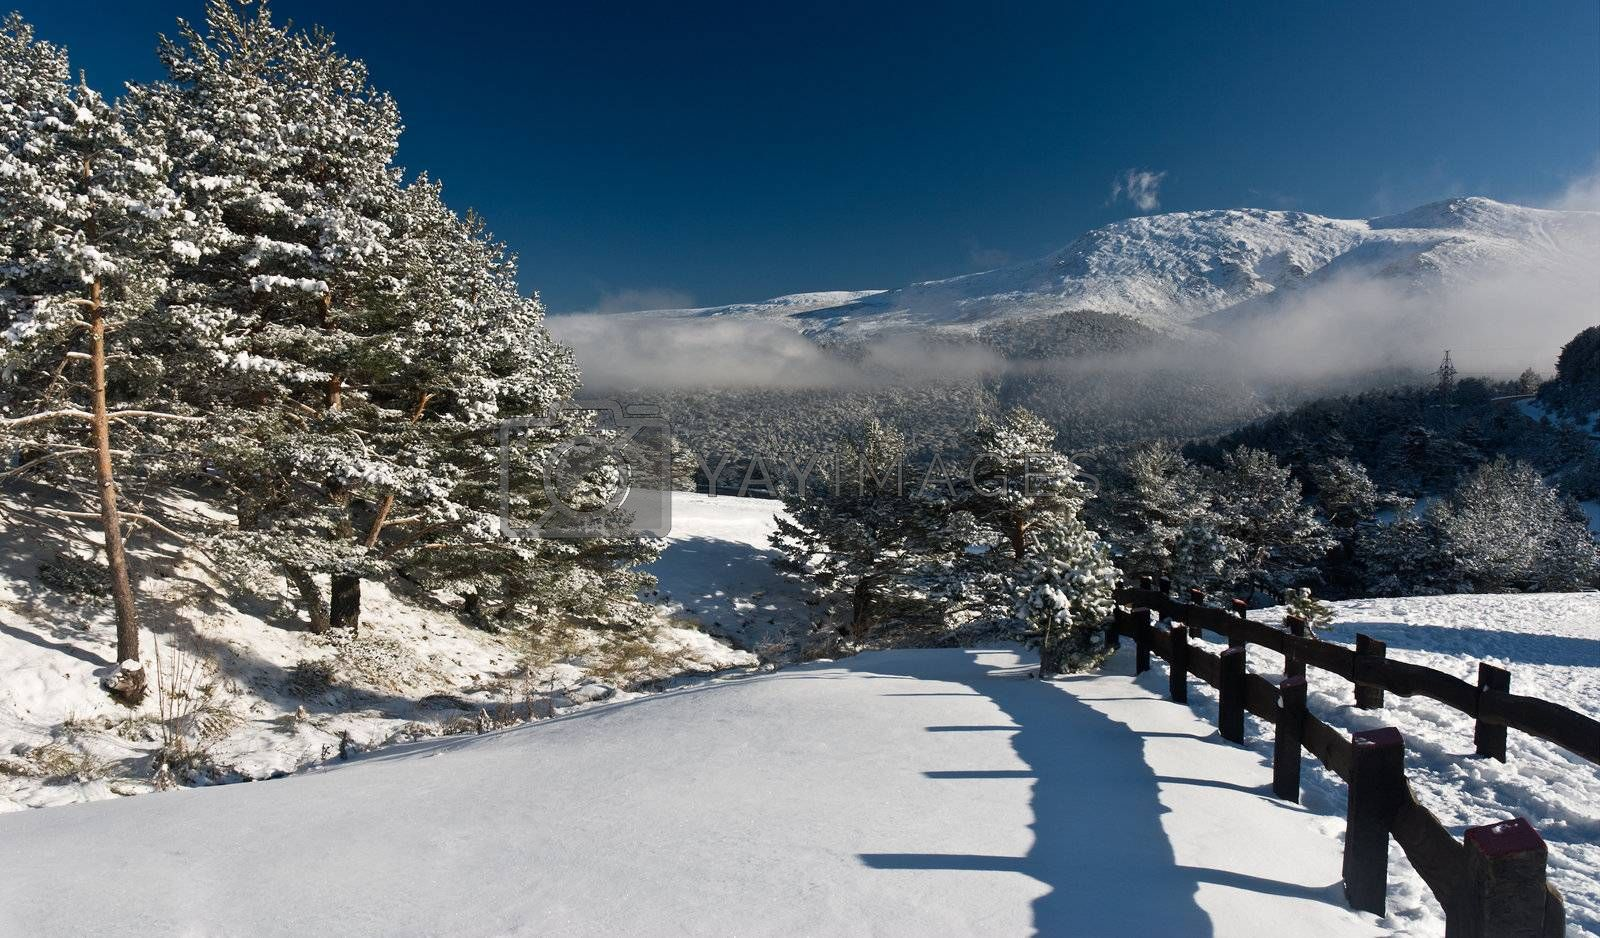 winter landscape snow tree seasonal mountain